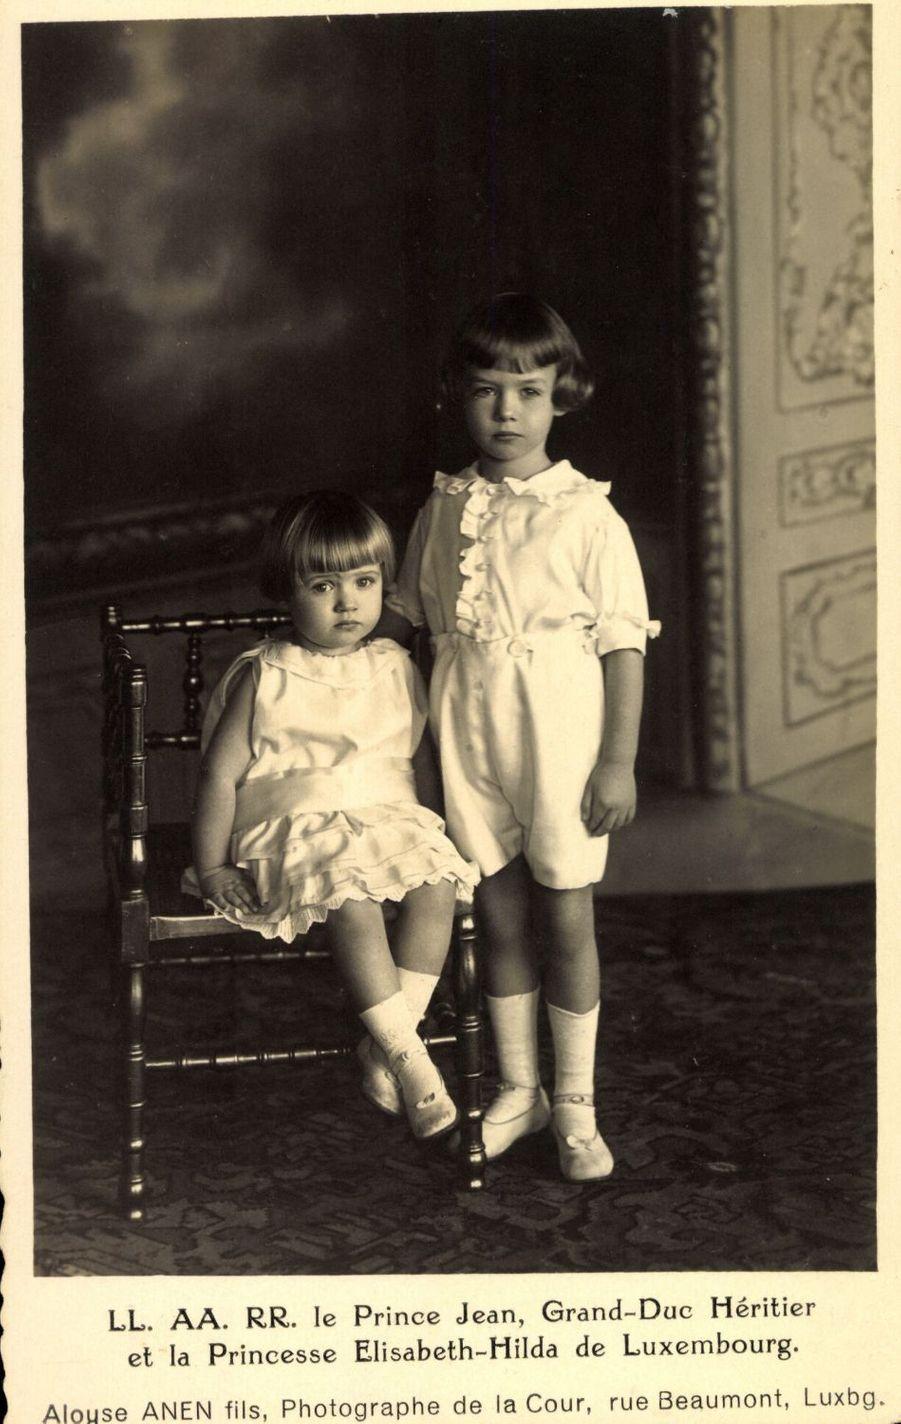 Le prince Jean de Luxembourg avec sa soeur la princesse Elisabeth, dans les années 1920